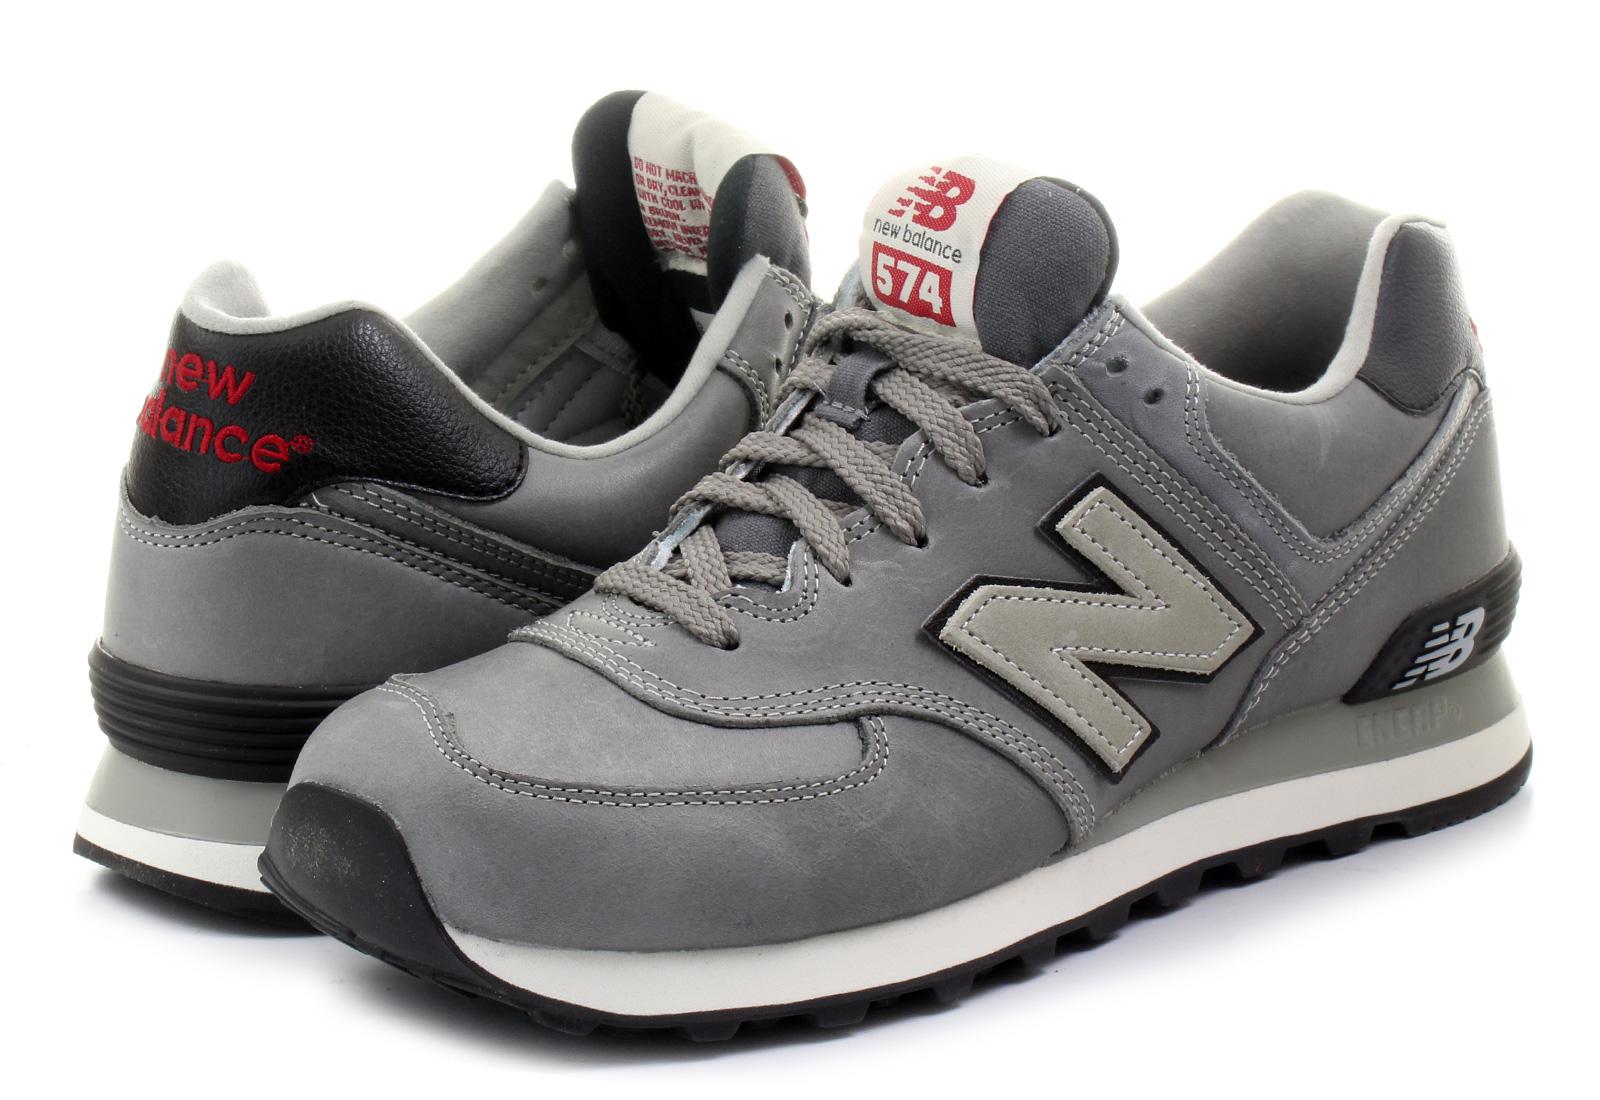 773e9882d New Balance Topánky - Ml574 - ML574UKG - Tenisky, Topánky, Čižmy ...